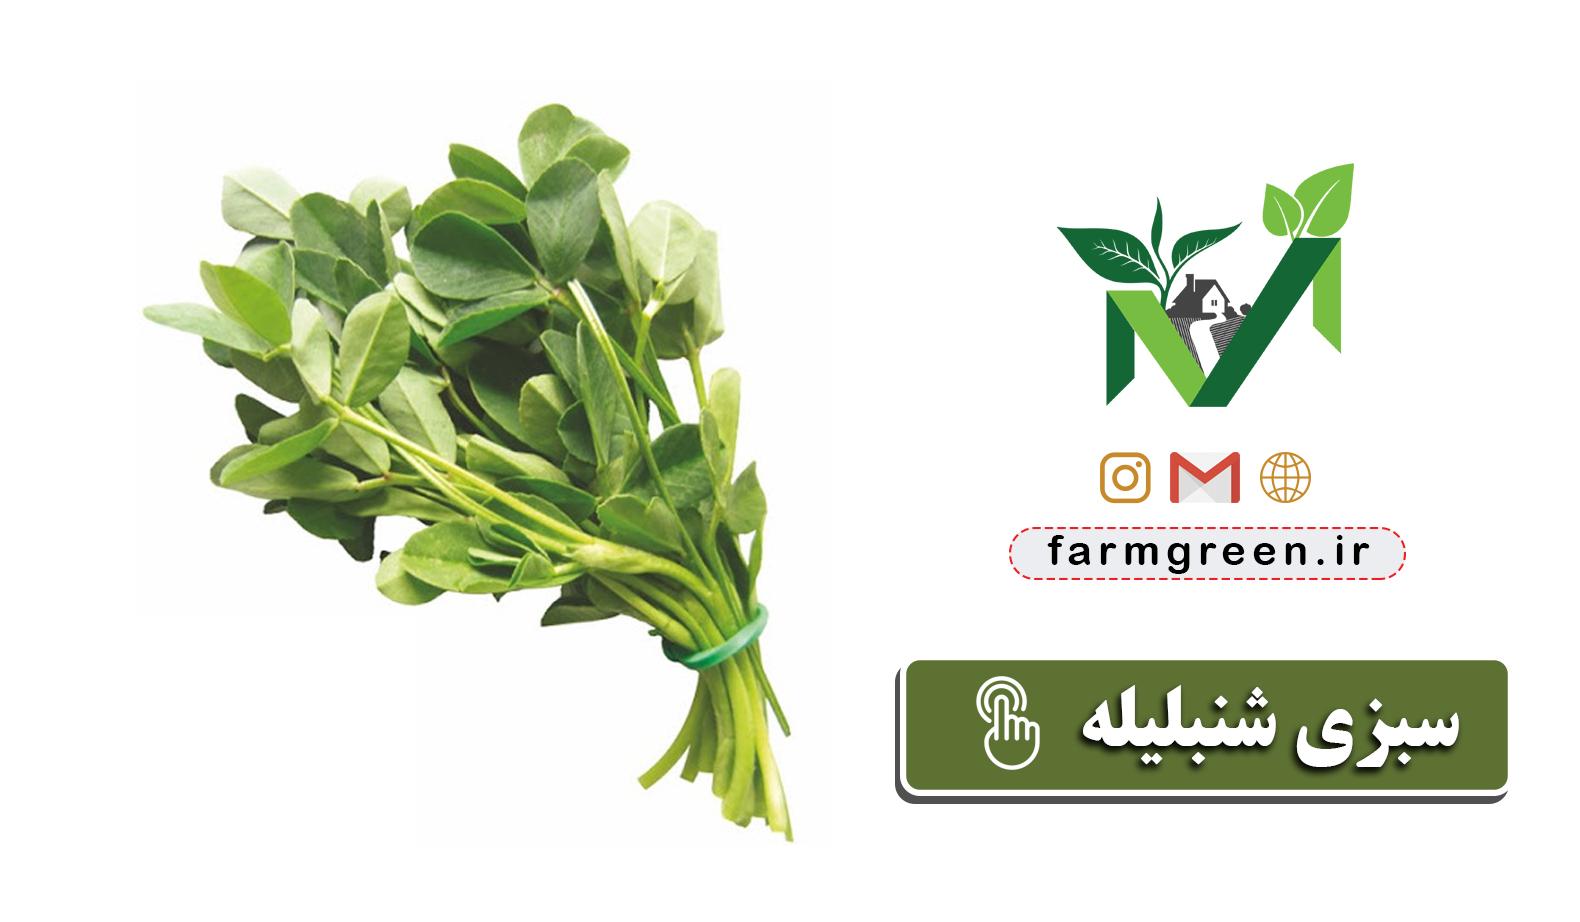 تولید و پخش سبزیجات تازه خانگی